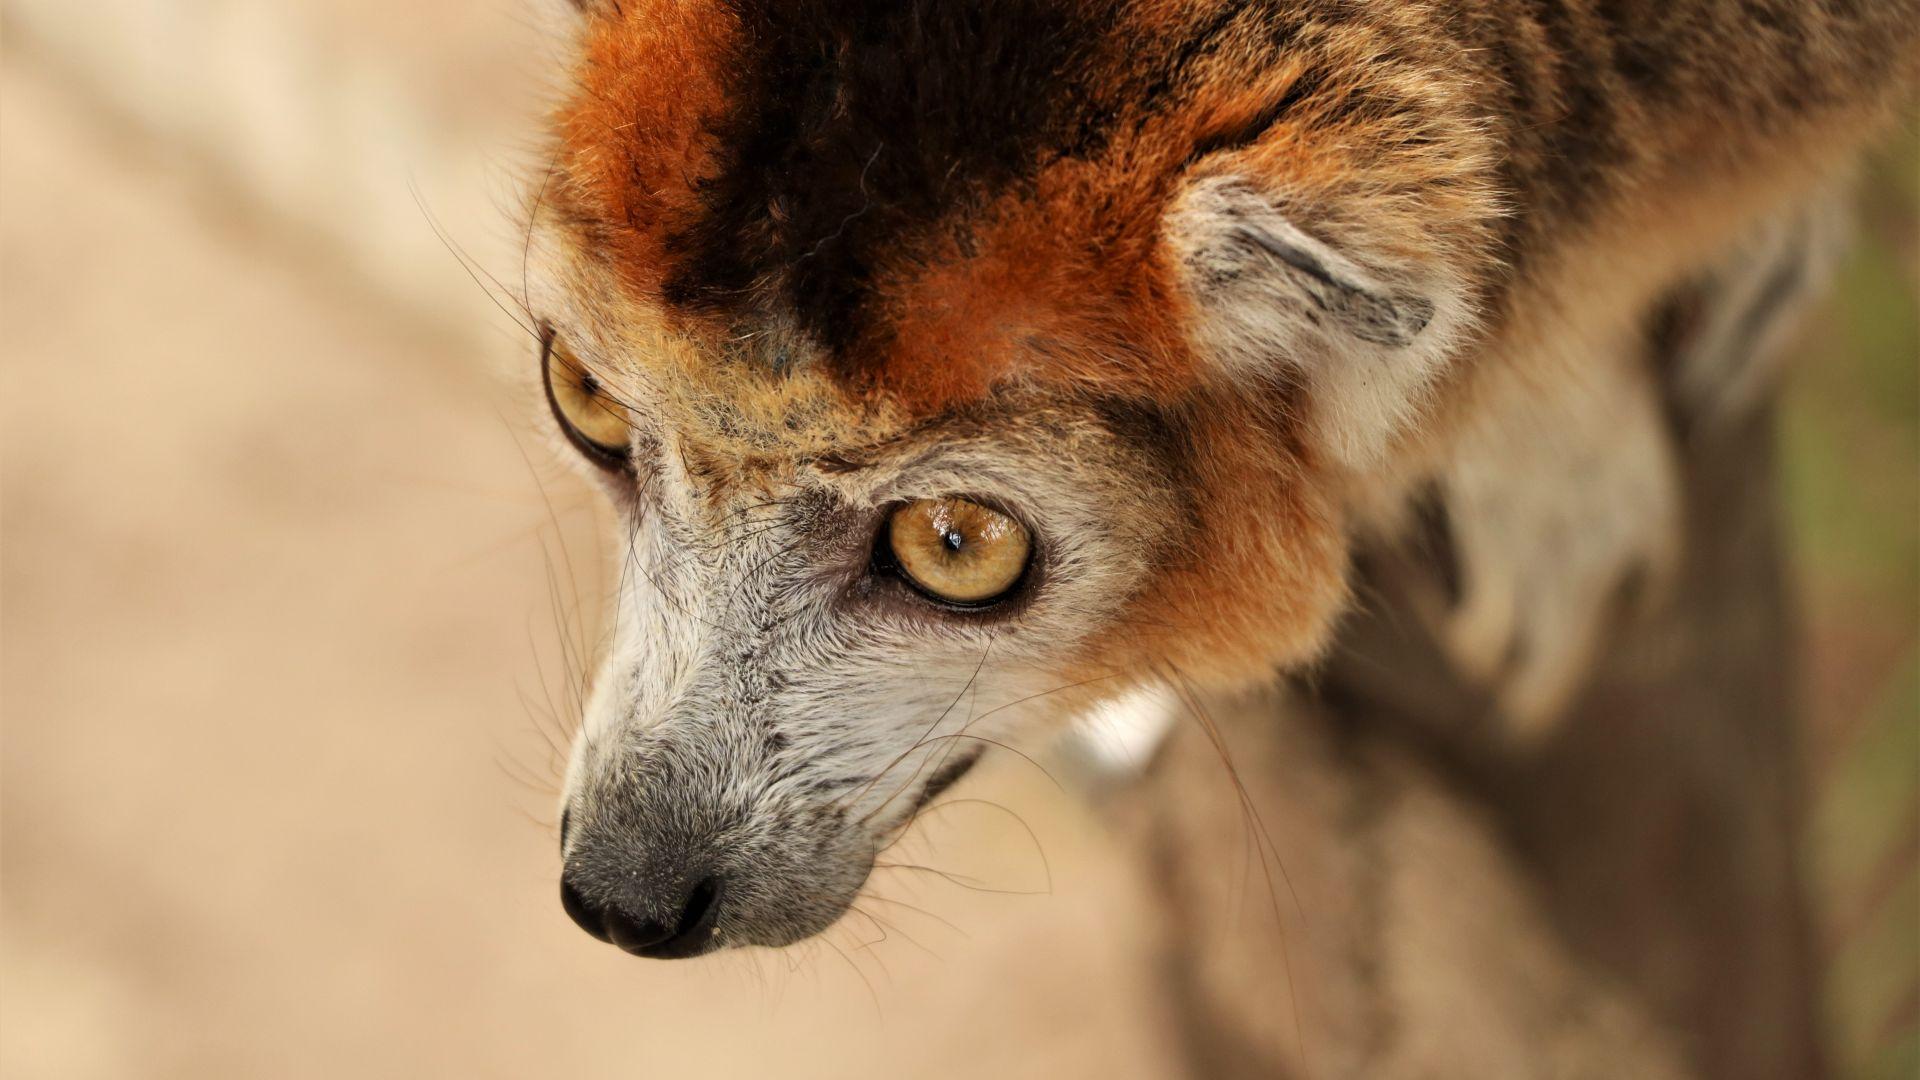 Wallpaper Crowned lemur, animal, wildlife, head